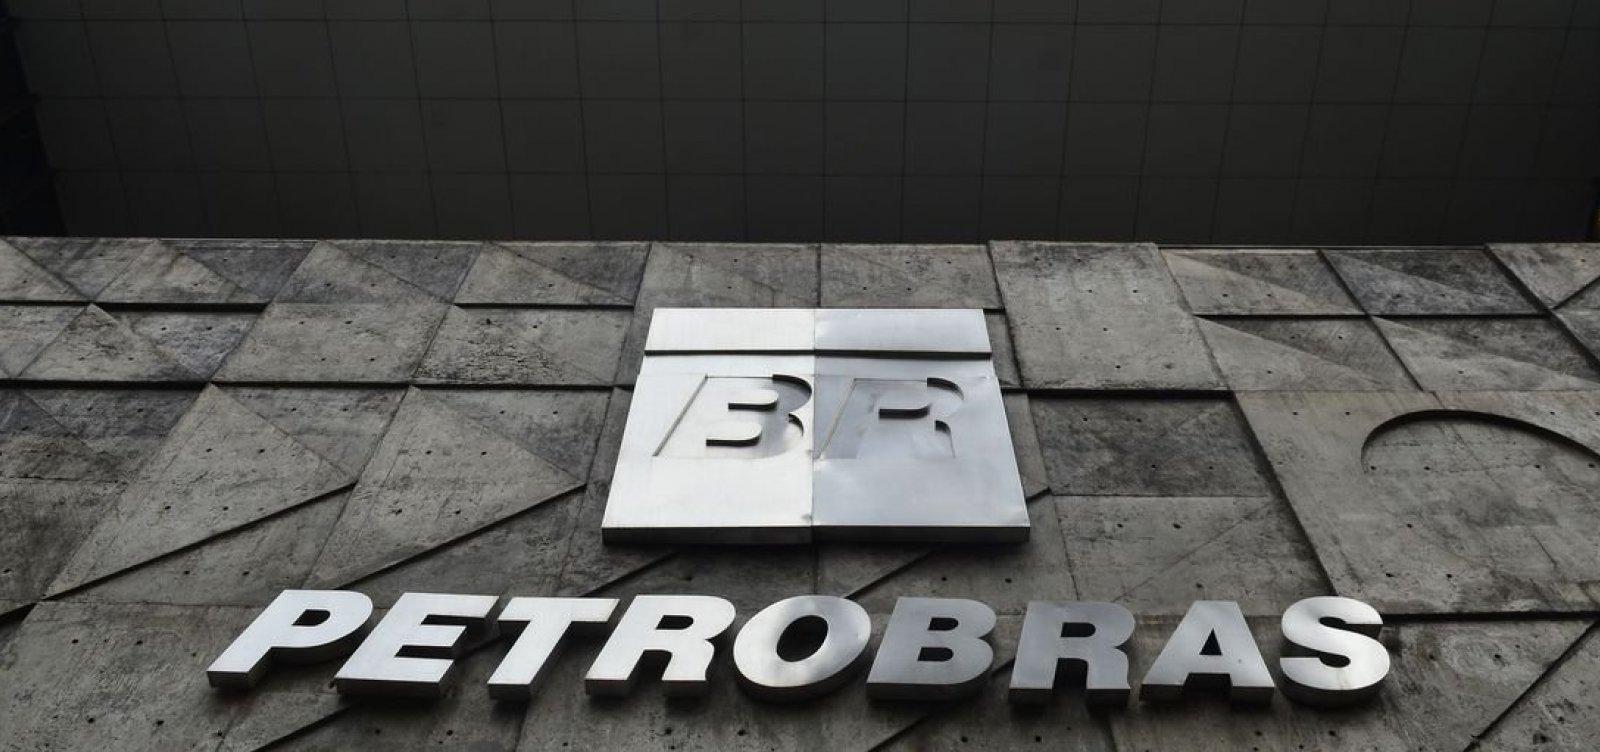 Petrobras vai enviar duas mil cartas com pedido de desculpa a funcionários investigados